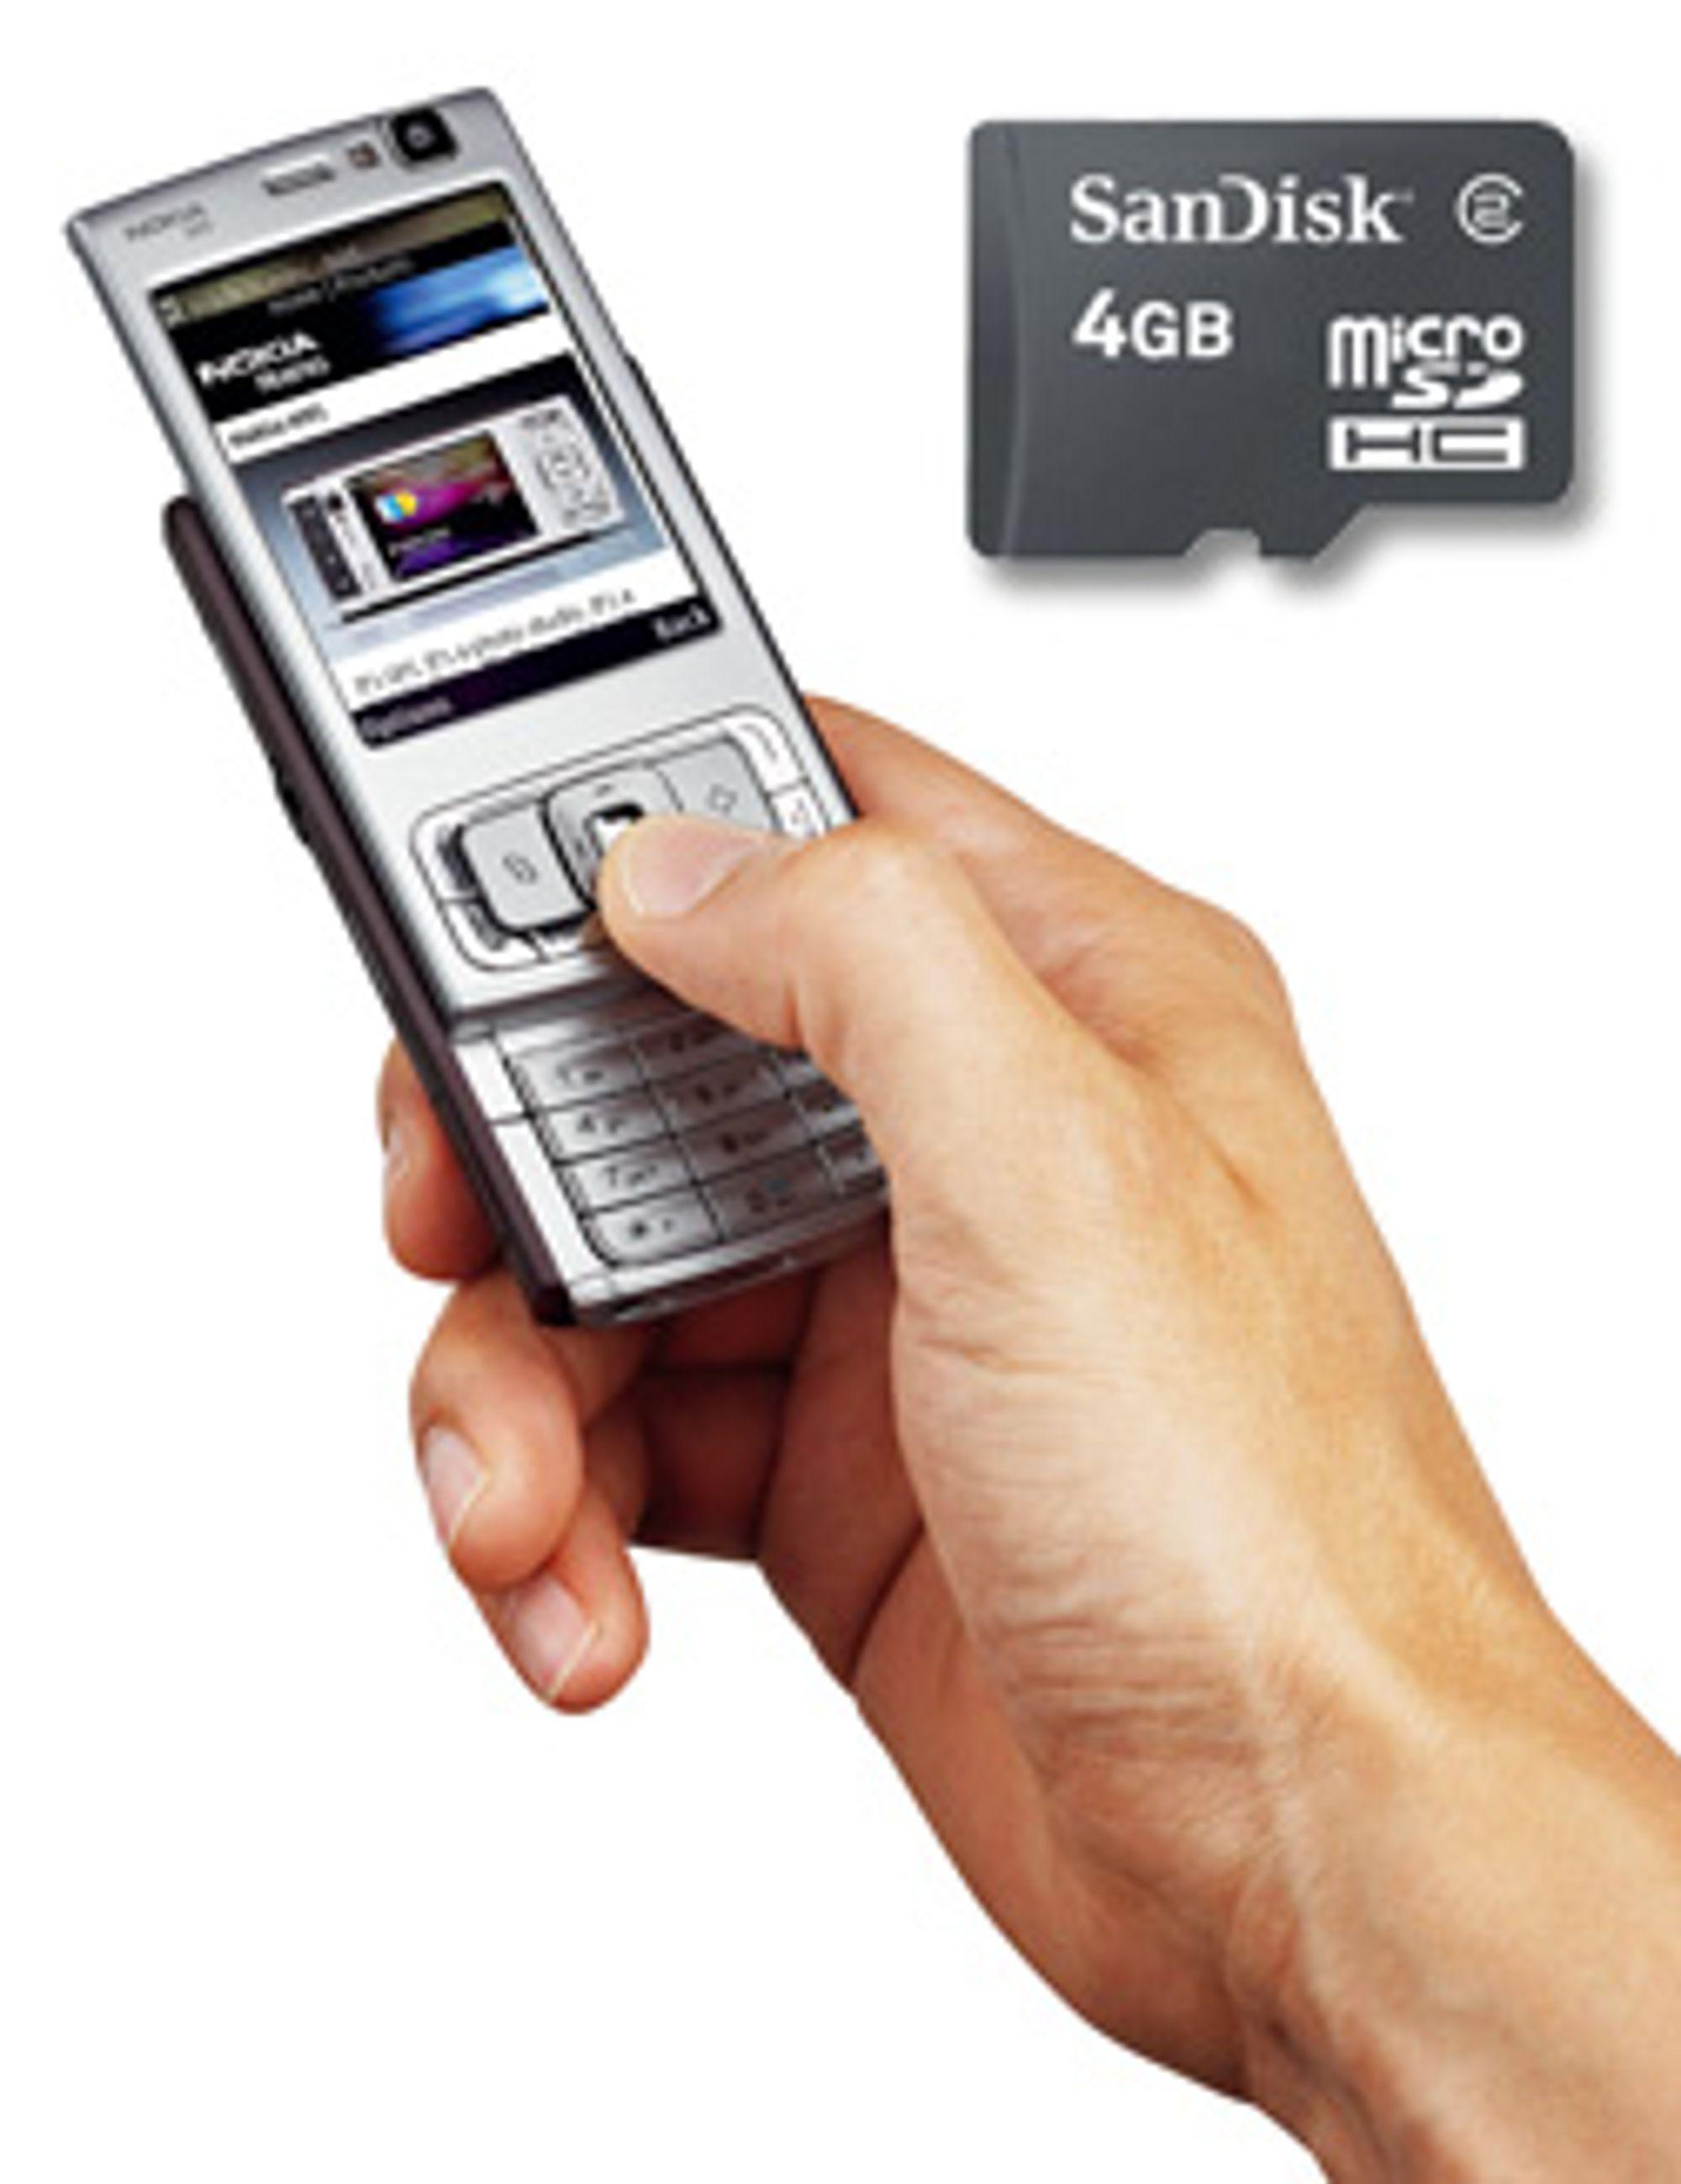 Nokia N95 støtter minnekort på 4 GB. (Foto: Nokia / Sandisk)